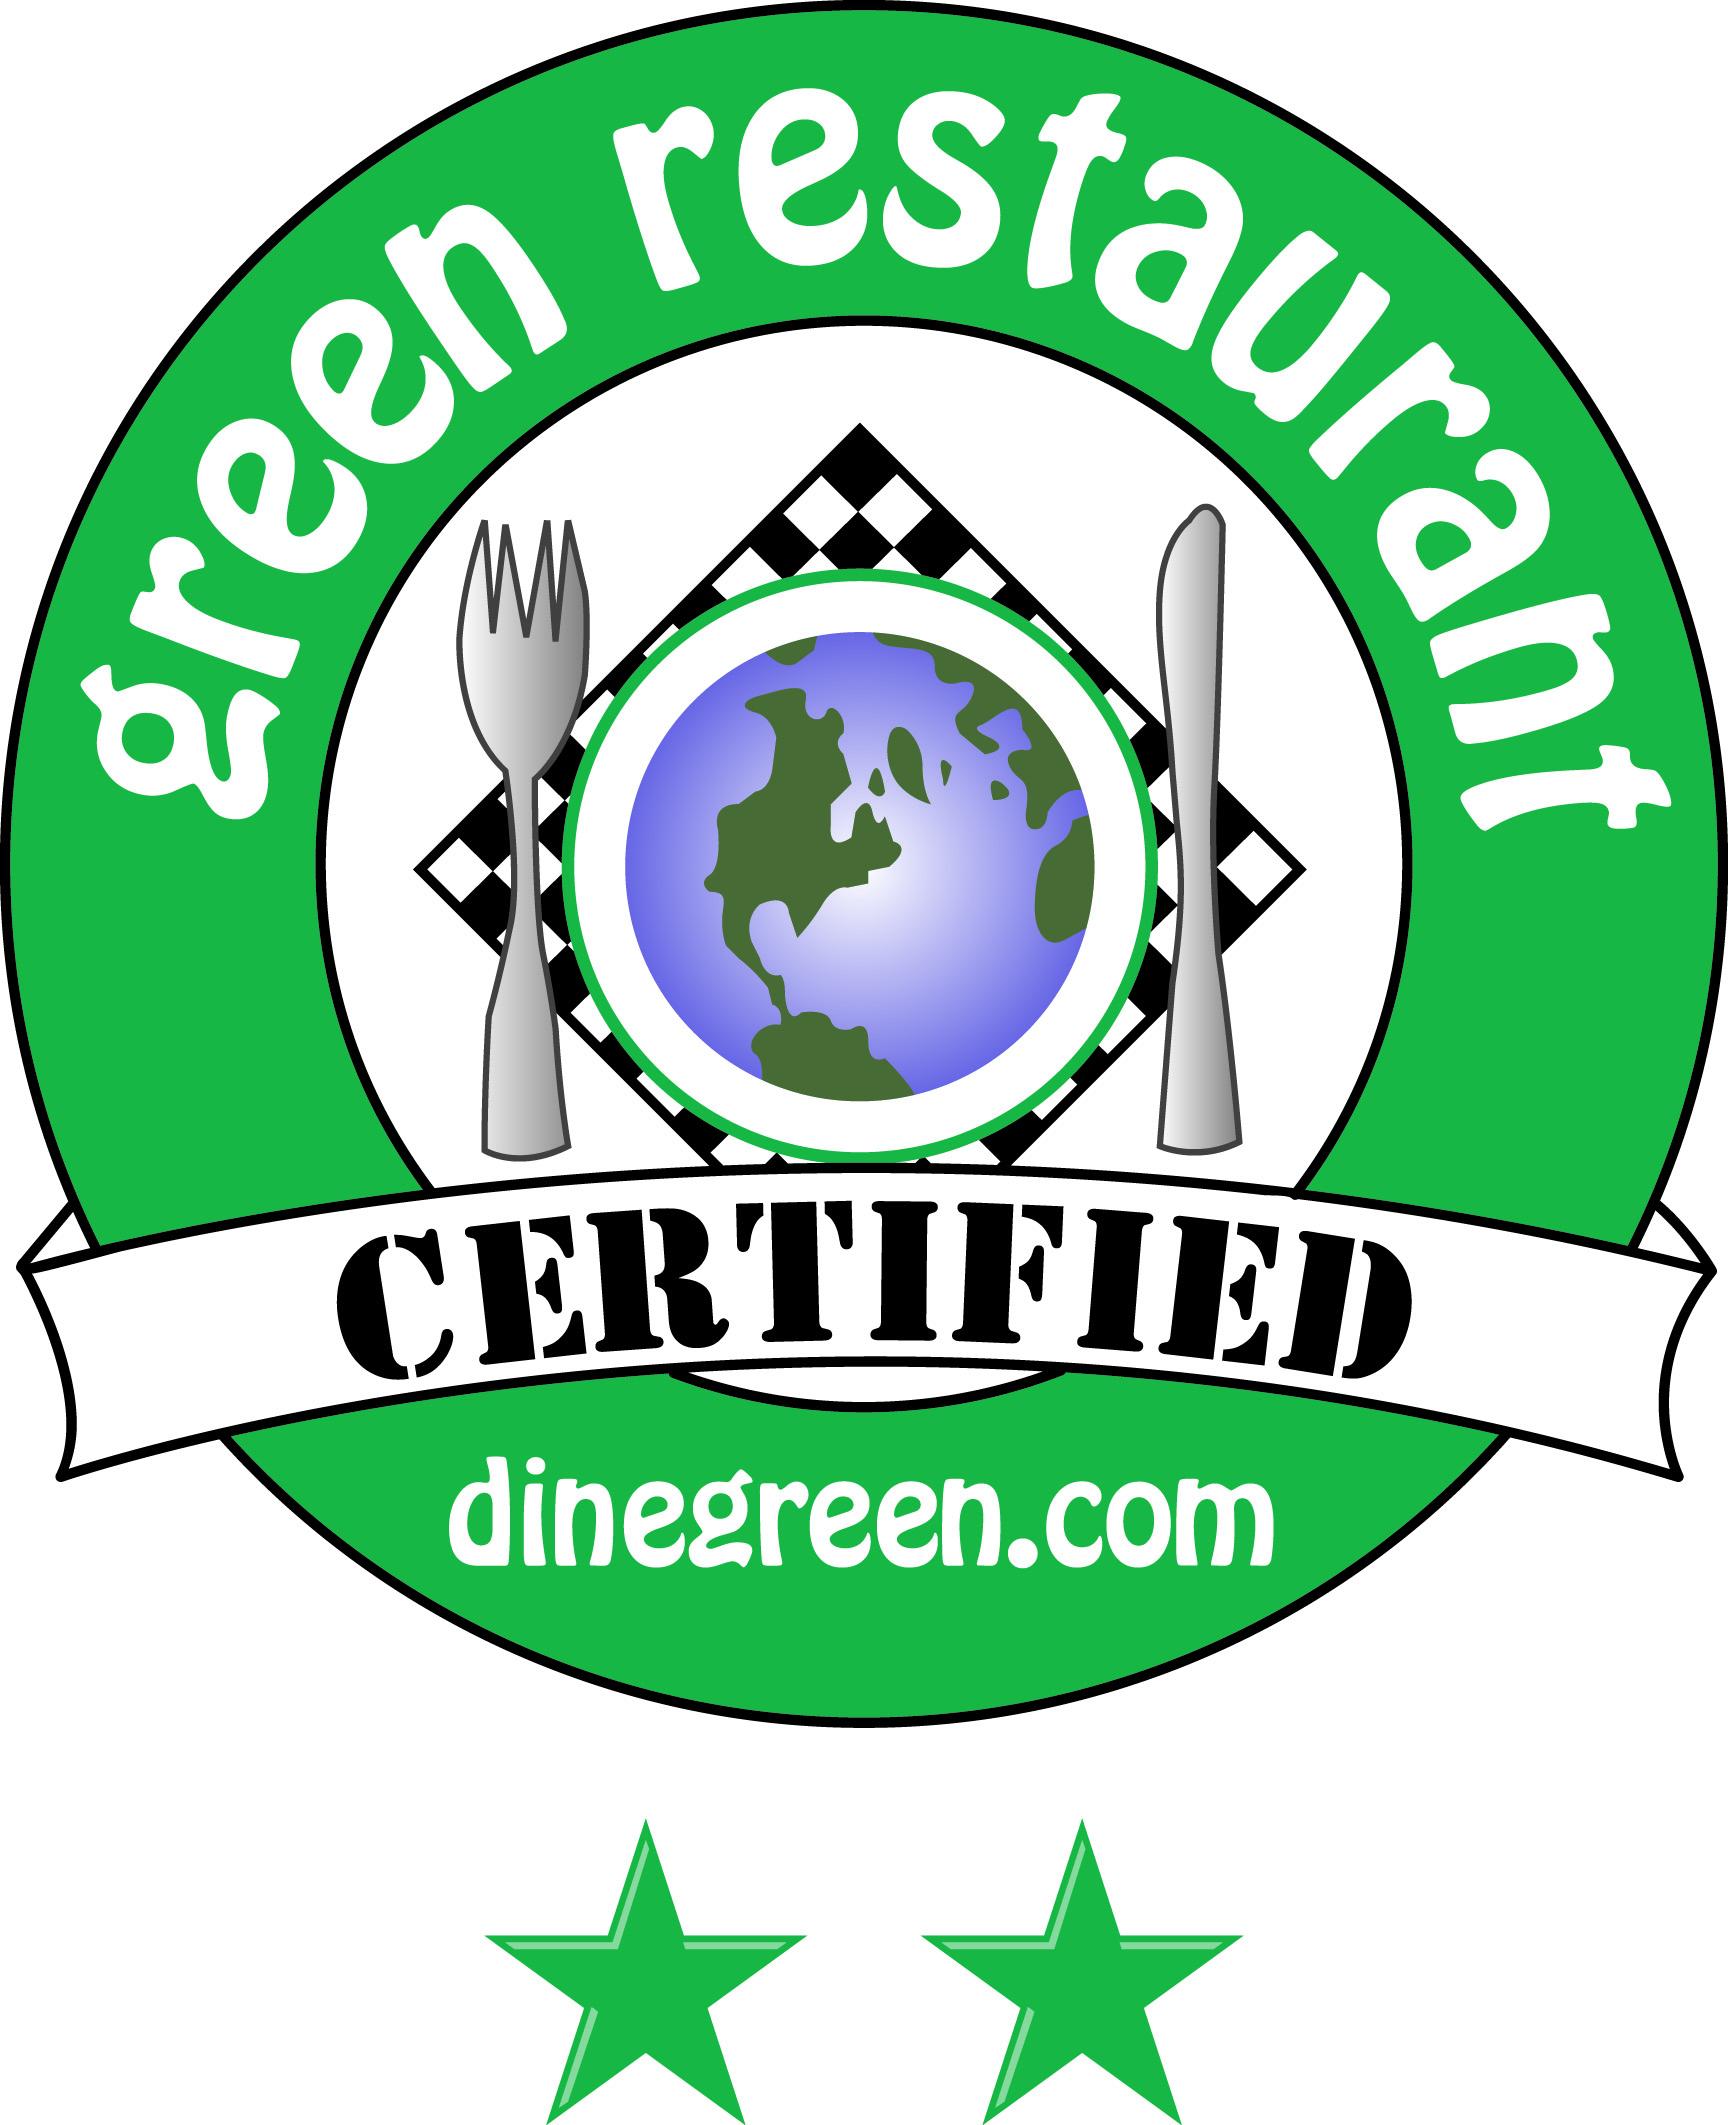 Green-Restaurant-Association-3-stars.jpg